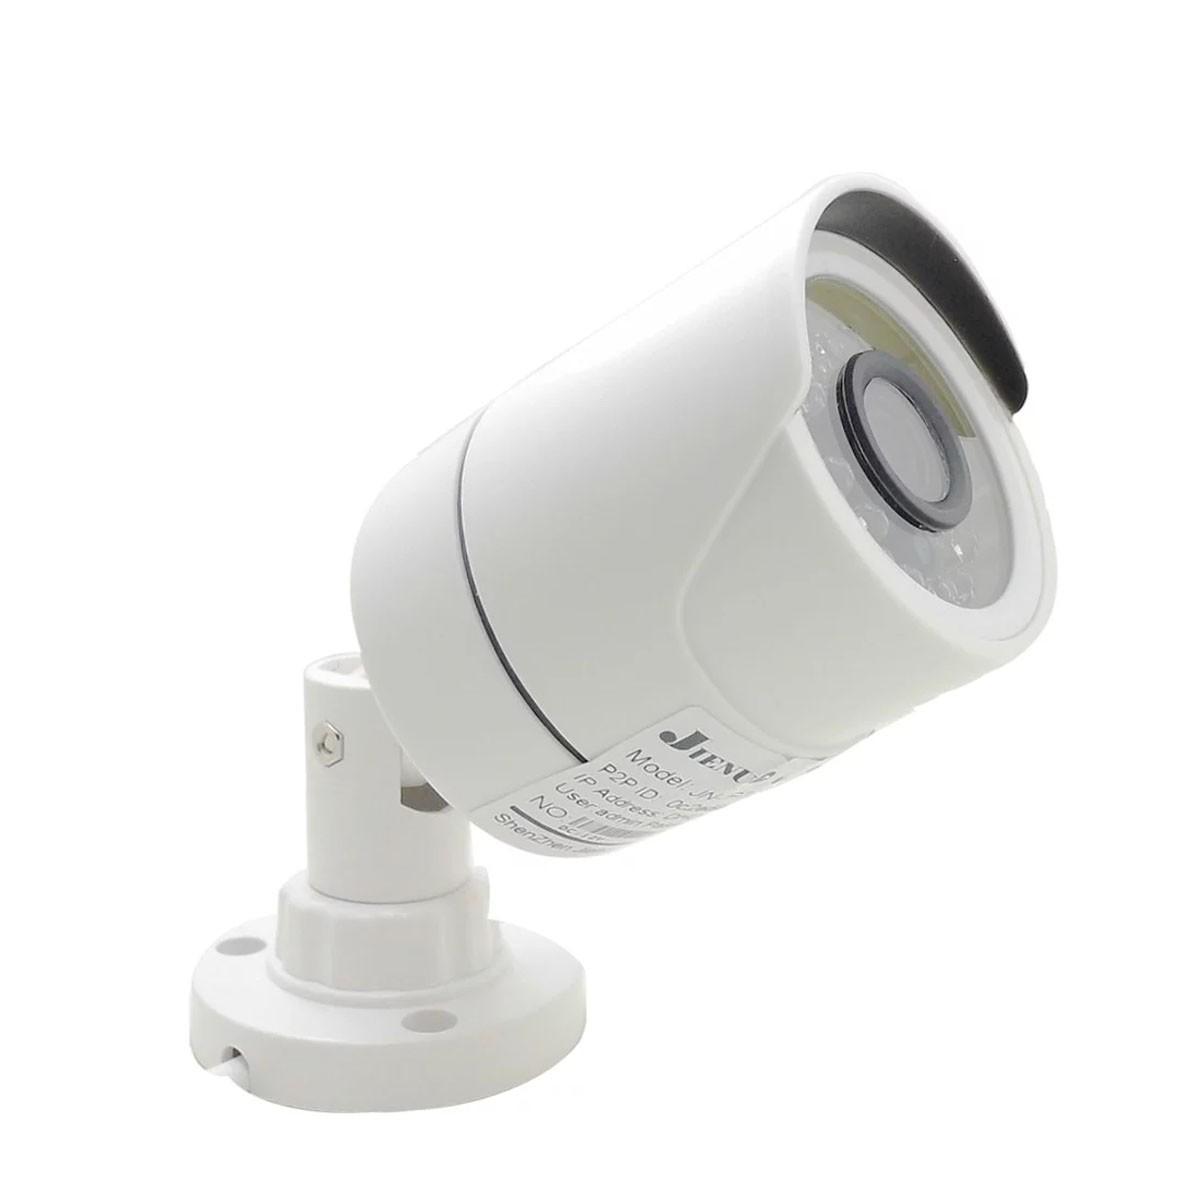 Kit 3 Cameras Infra Hd Com Dvr 8 Canais Acesso App Xmeye